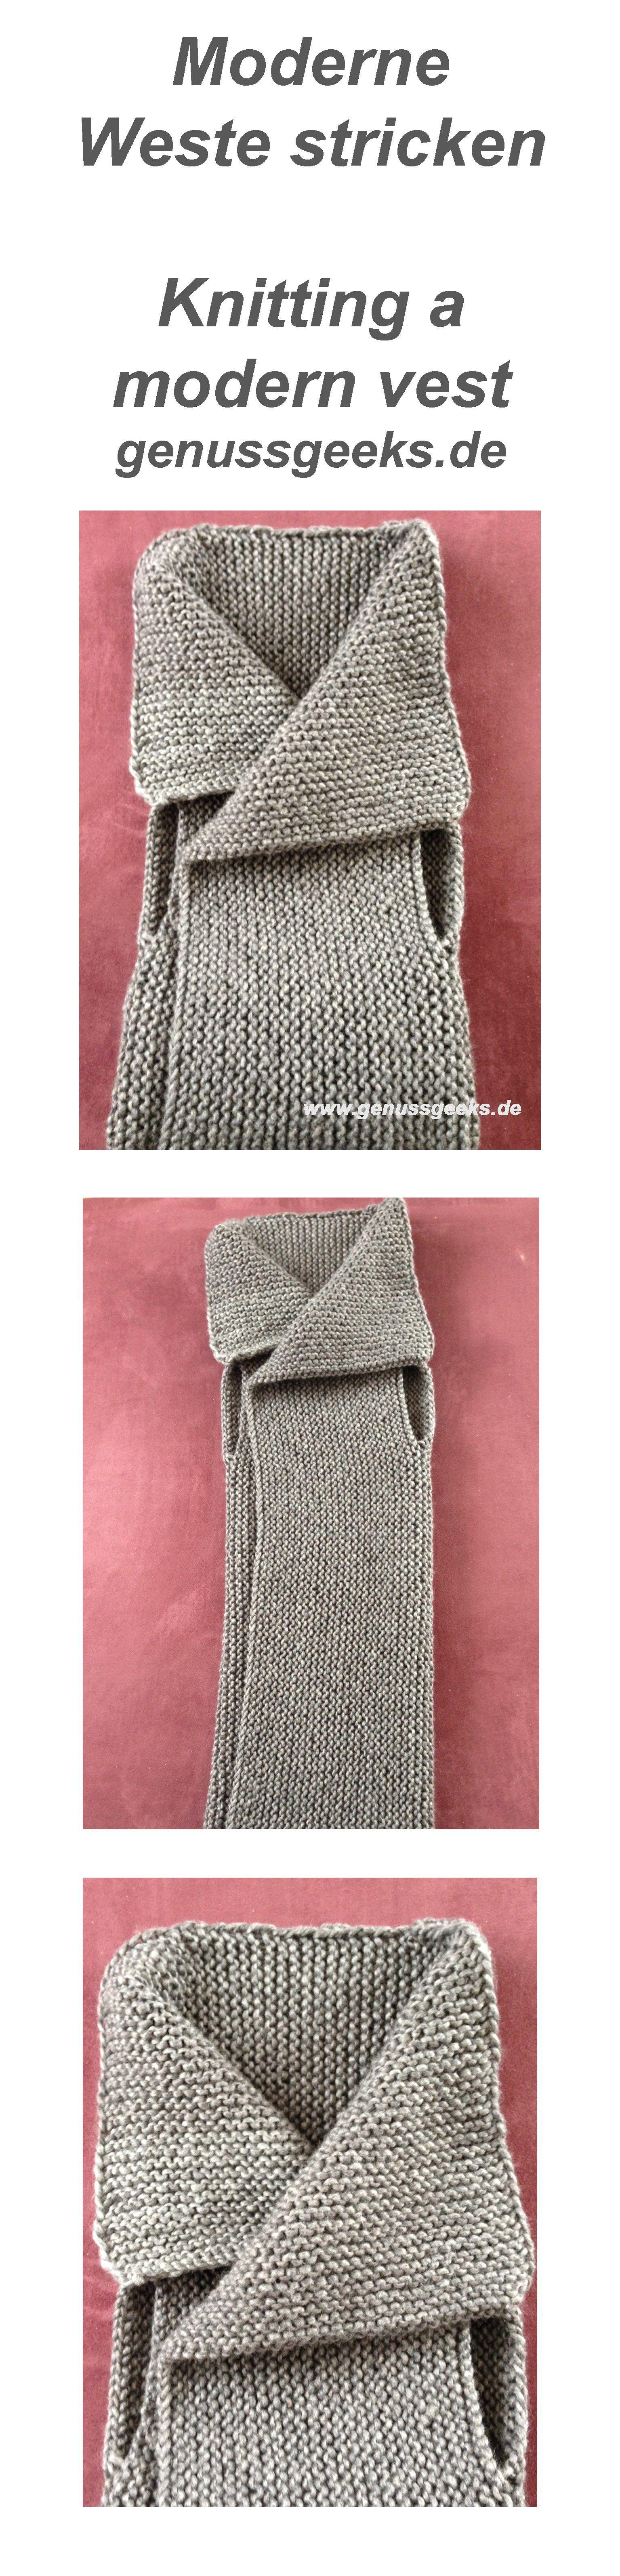 Crafting eine moderne weste stricken h keln weste stricken stricken und h keln - Moderne schals stricken ...